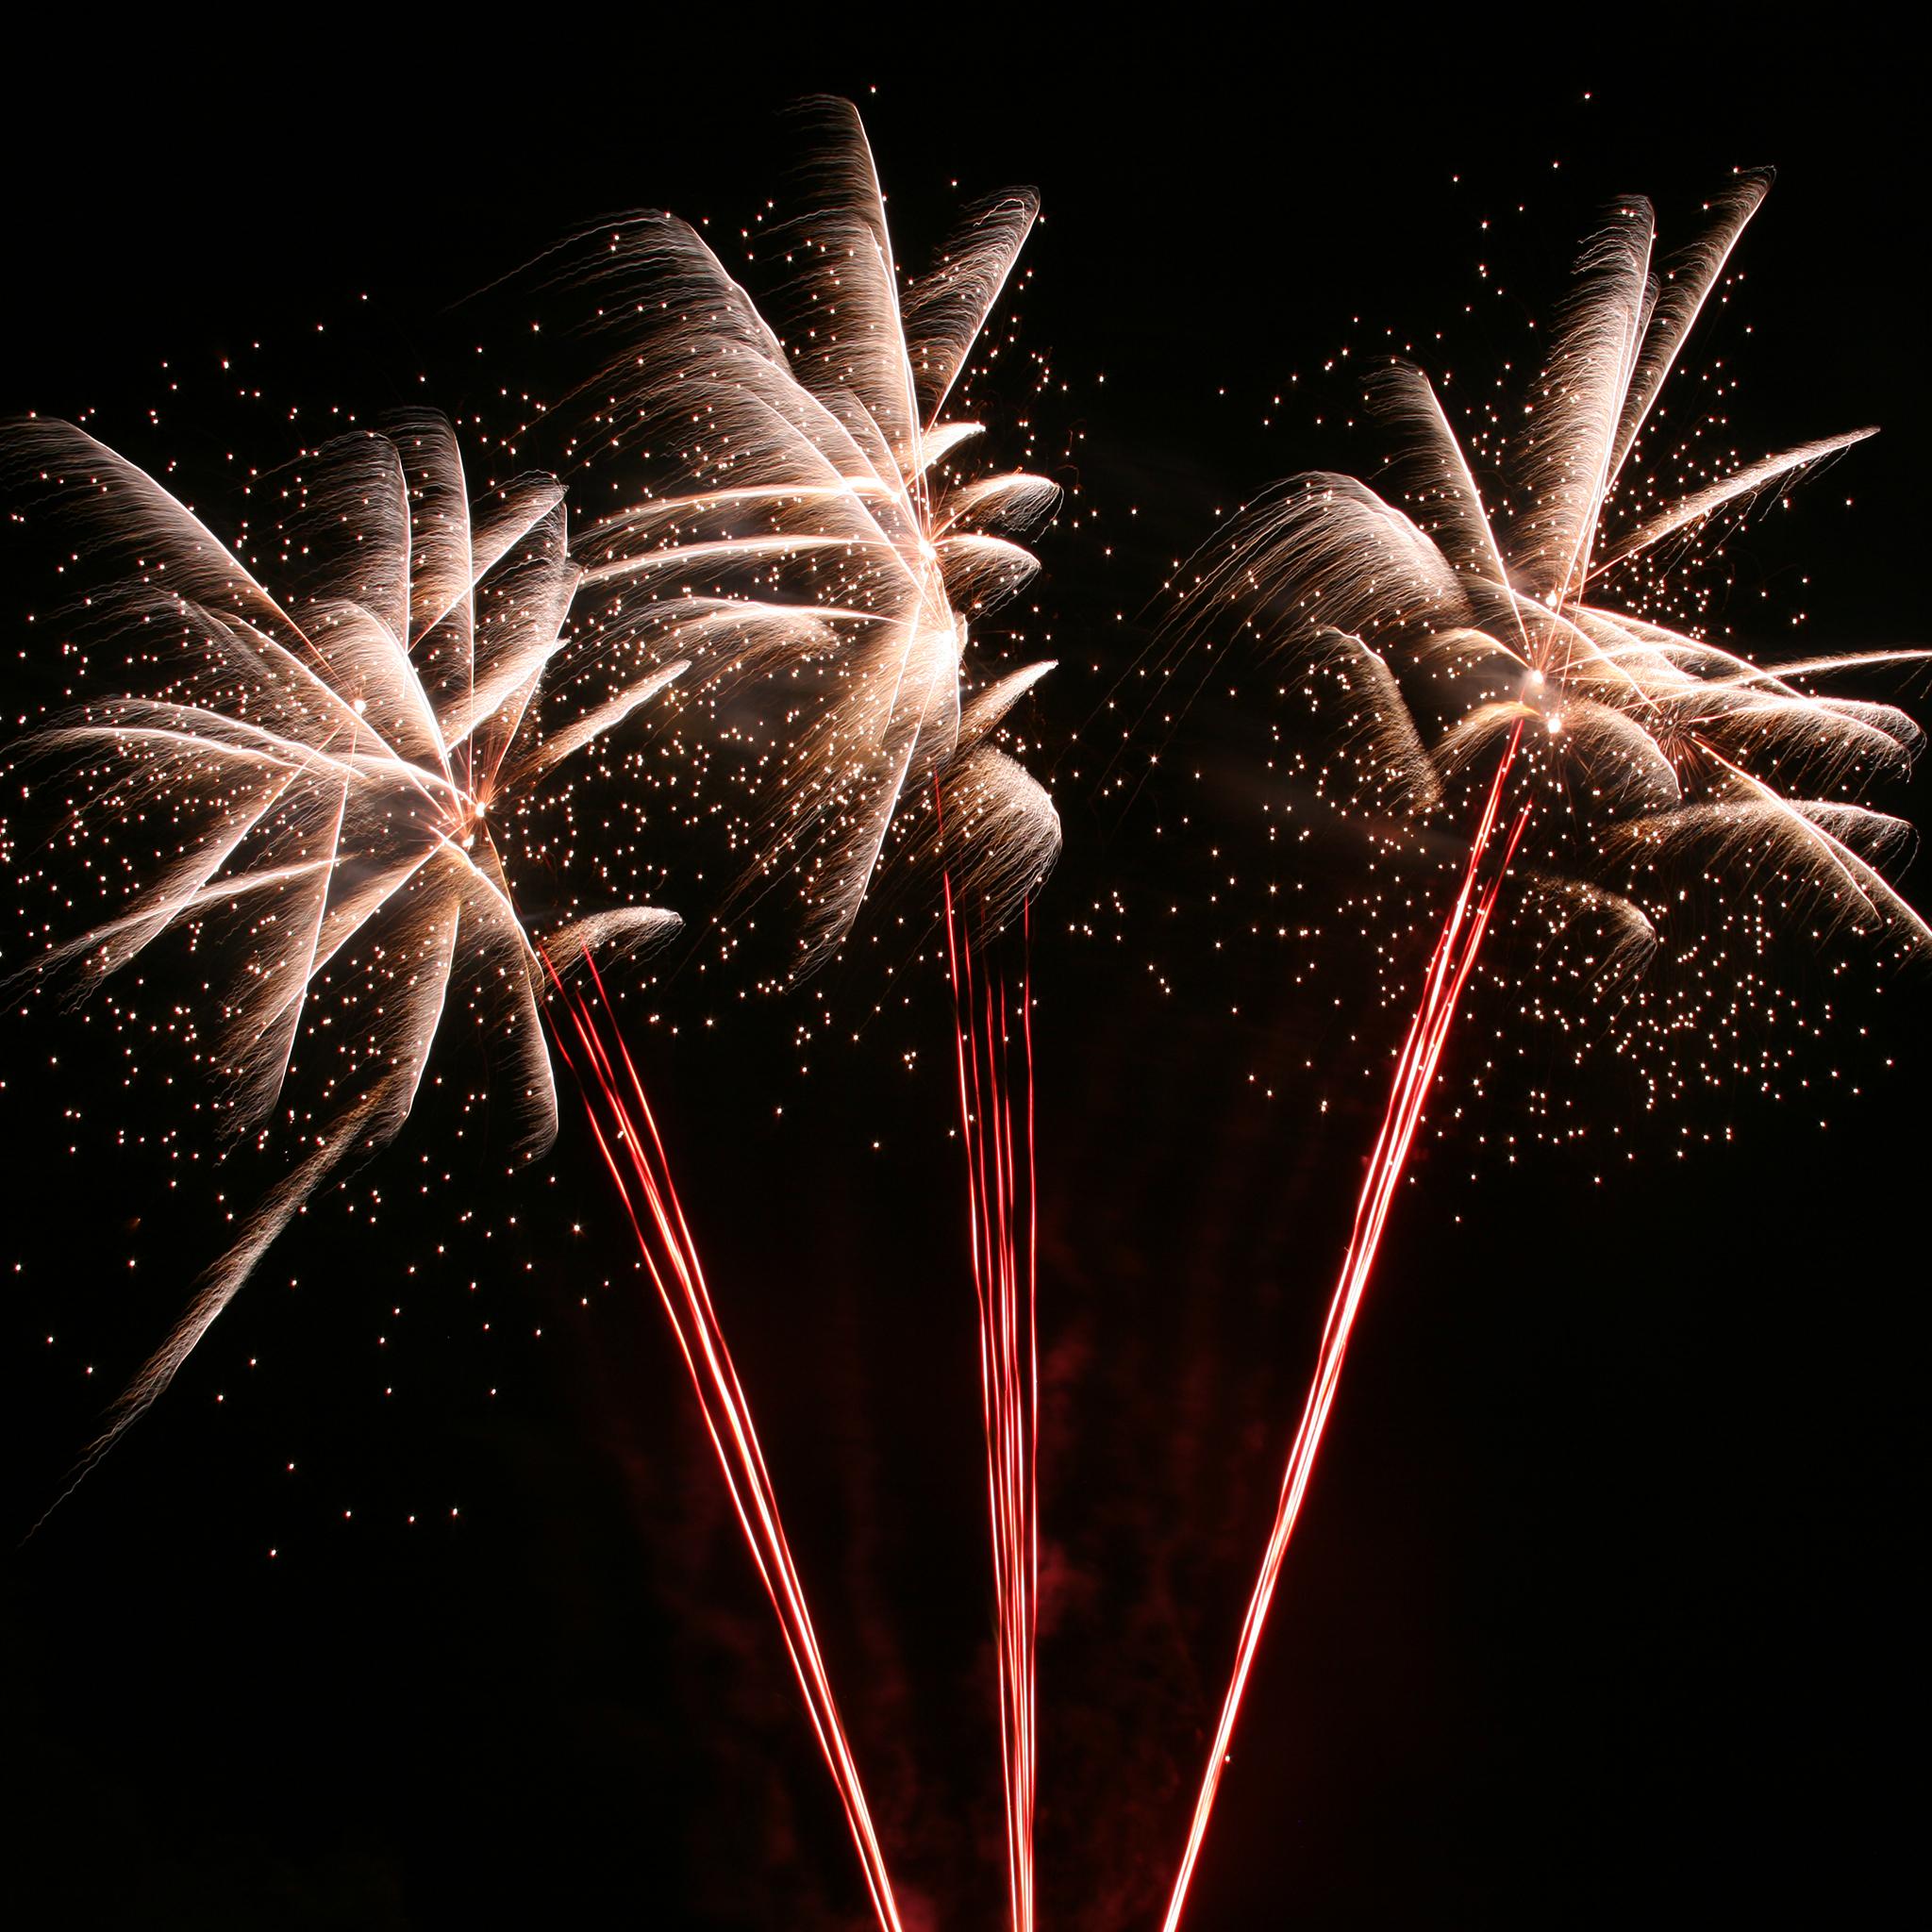 Fireworks | Sugyp SA - Fireworks and Distribution